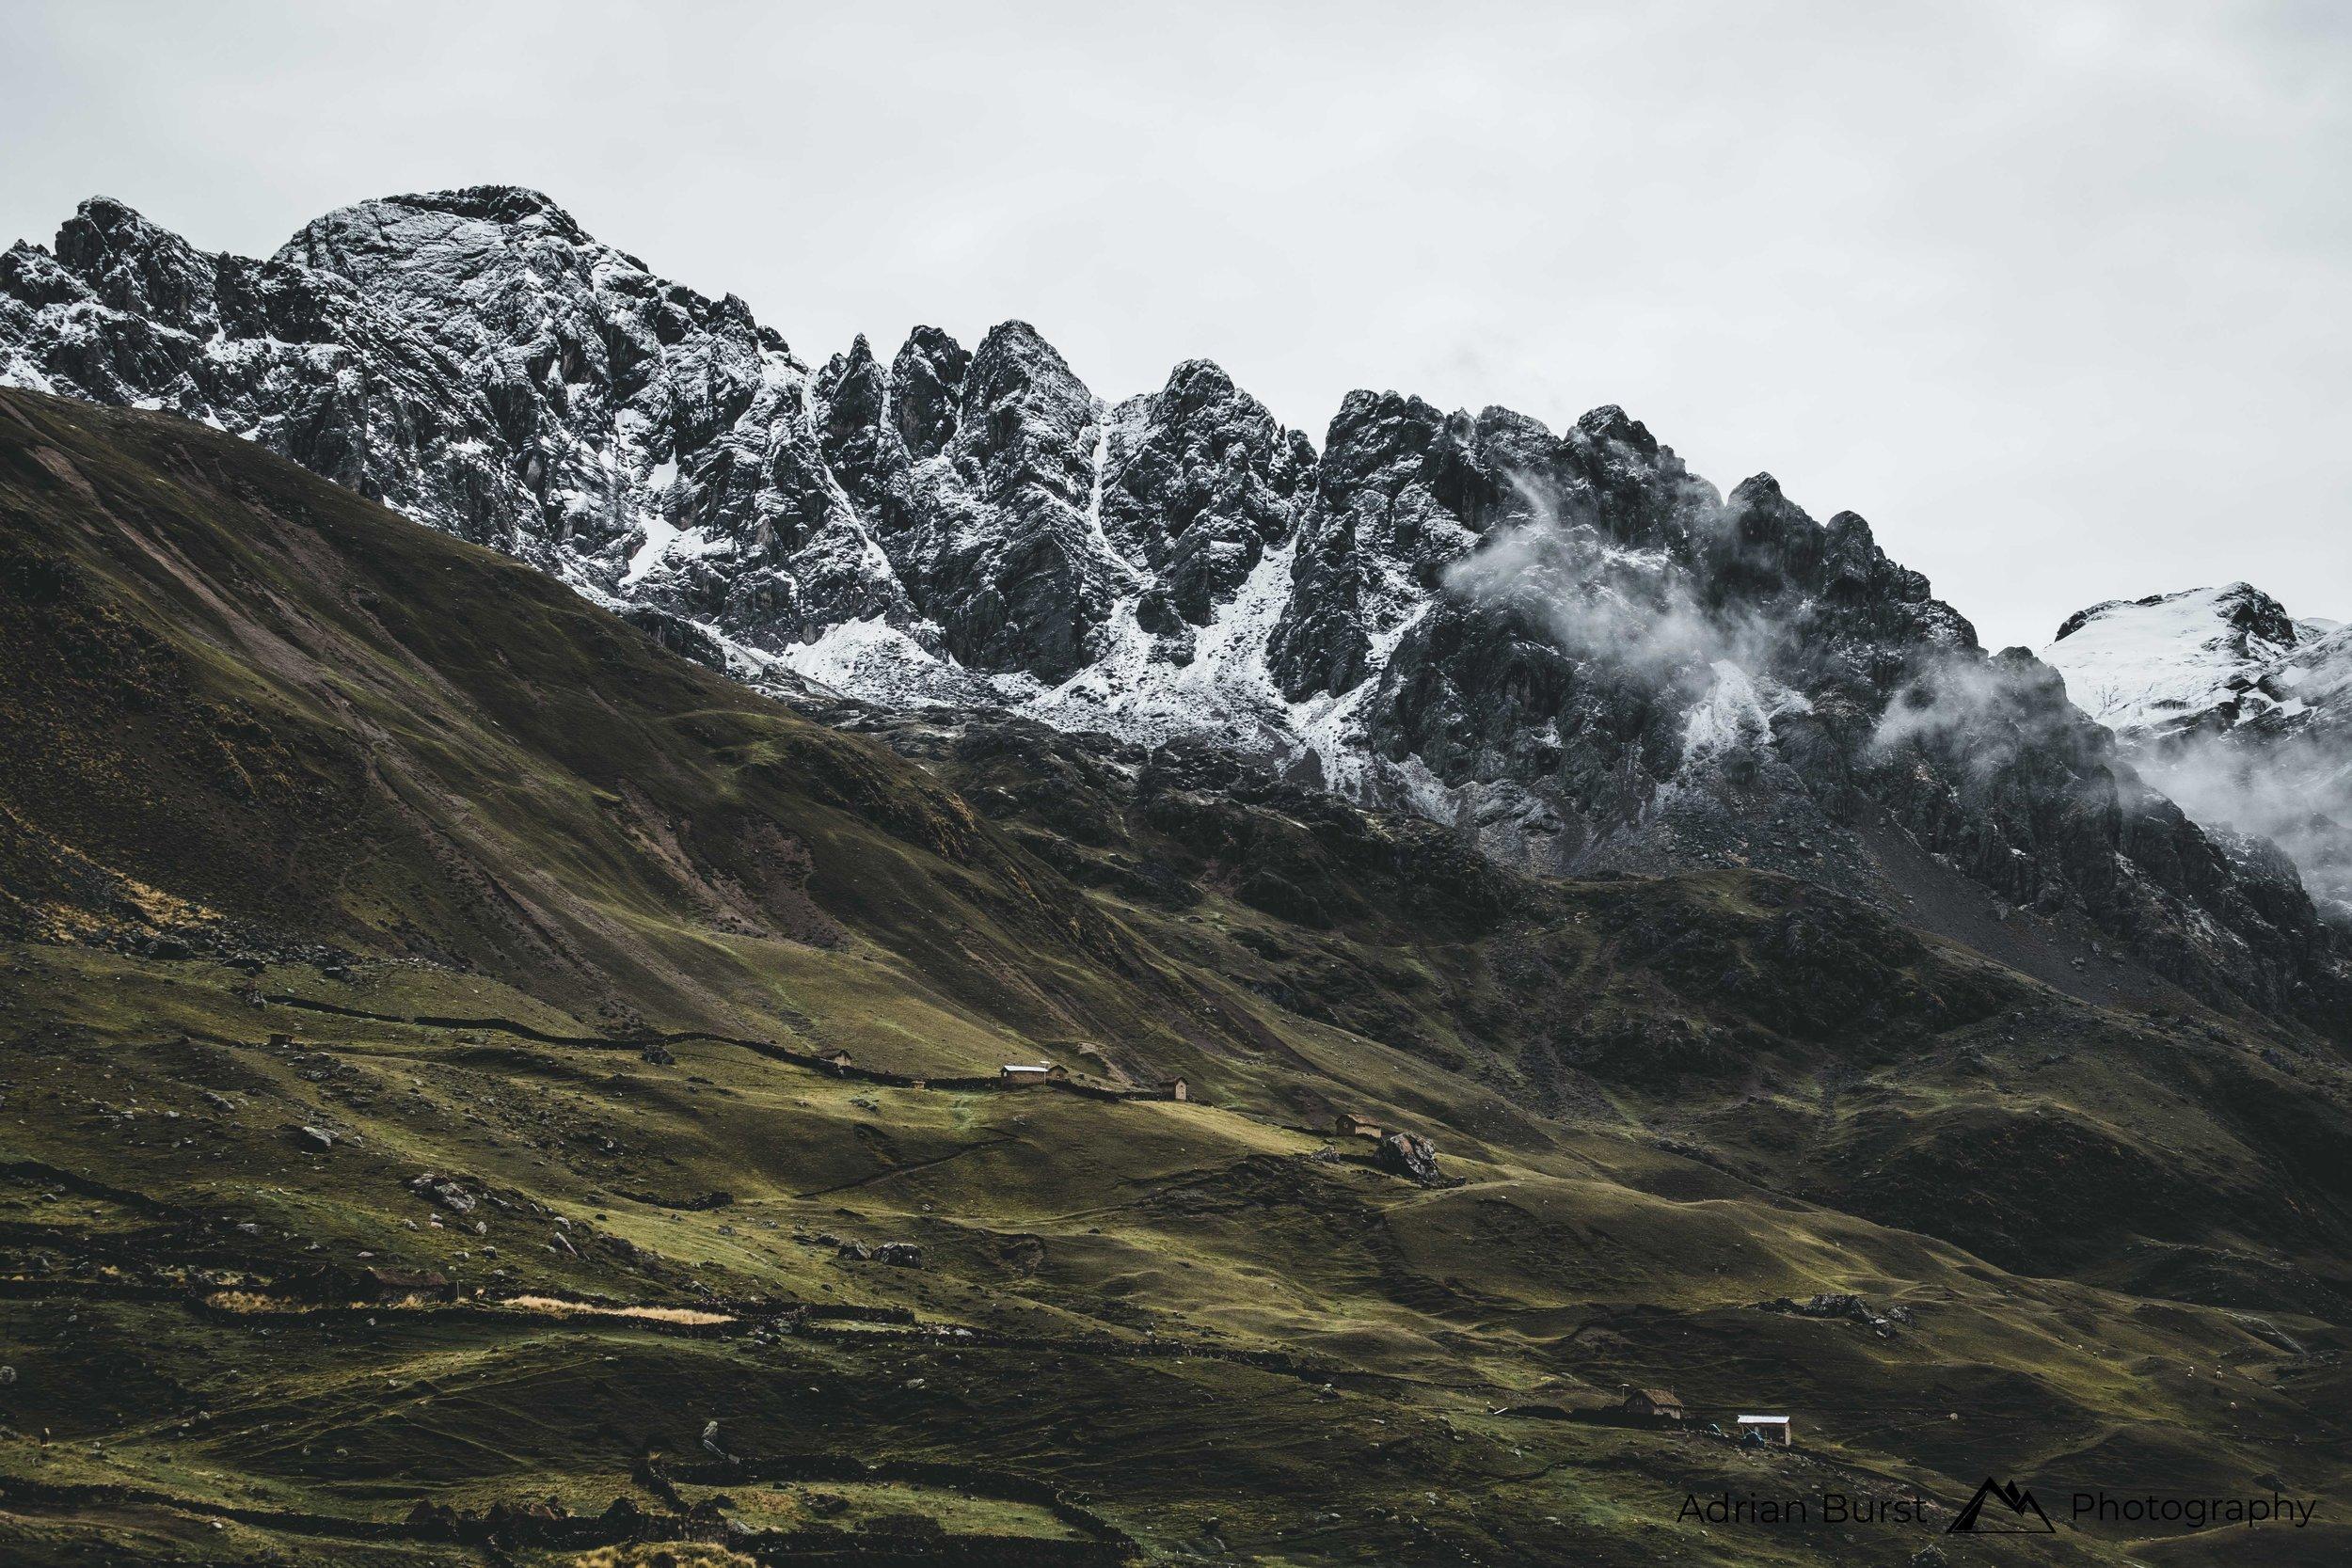 9 | Pucamayu valley, Quispicanchi